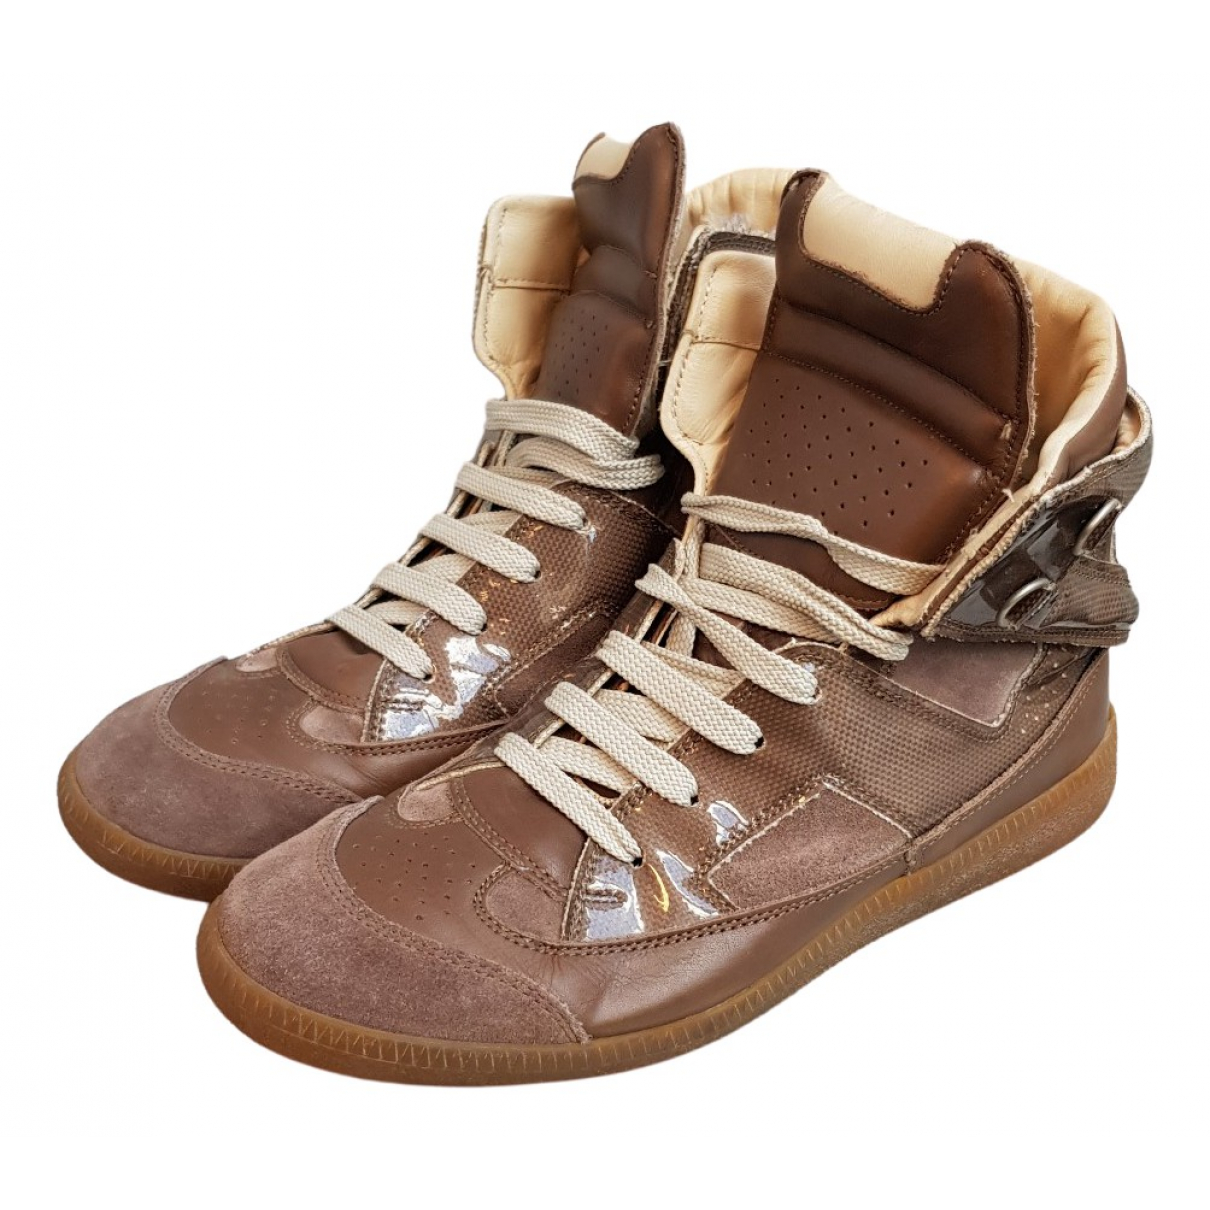 Maison Martin Margiela \N Sneakers in  Braun Leder